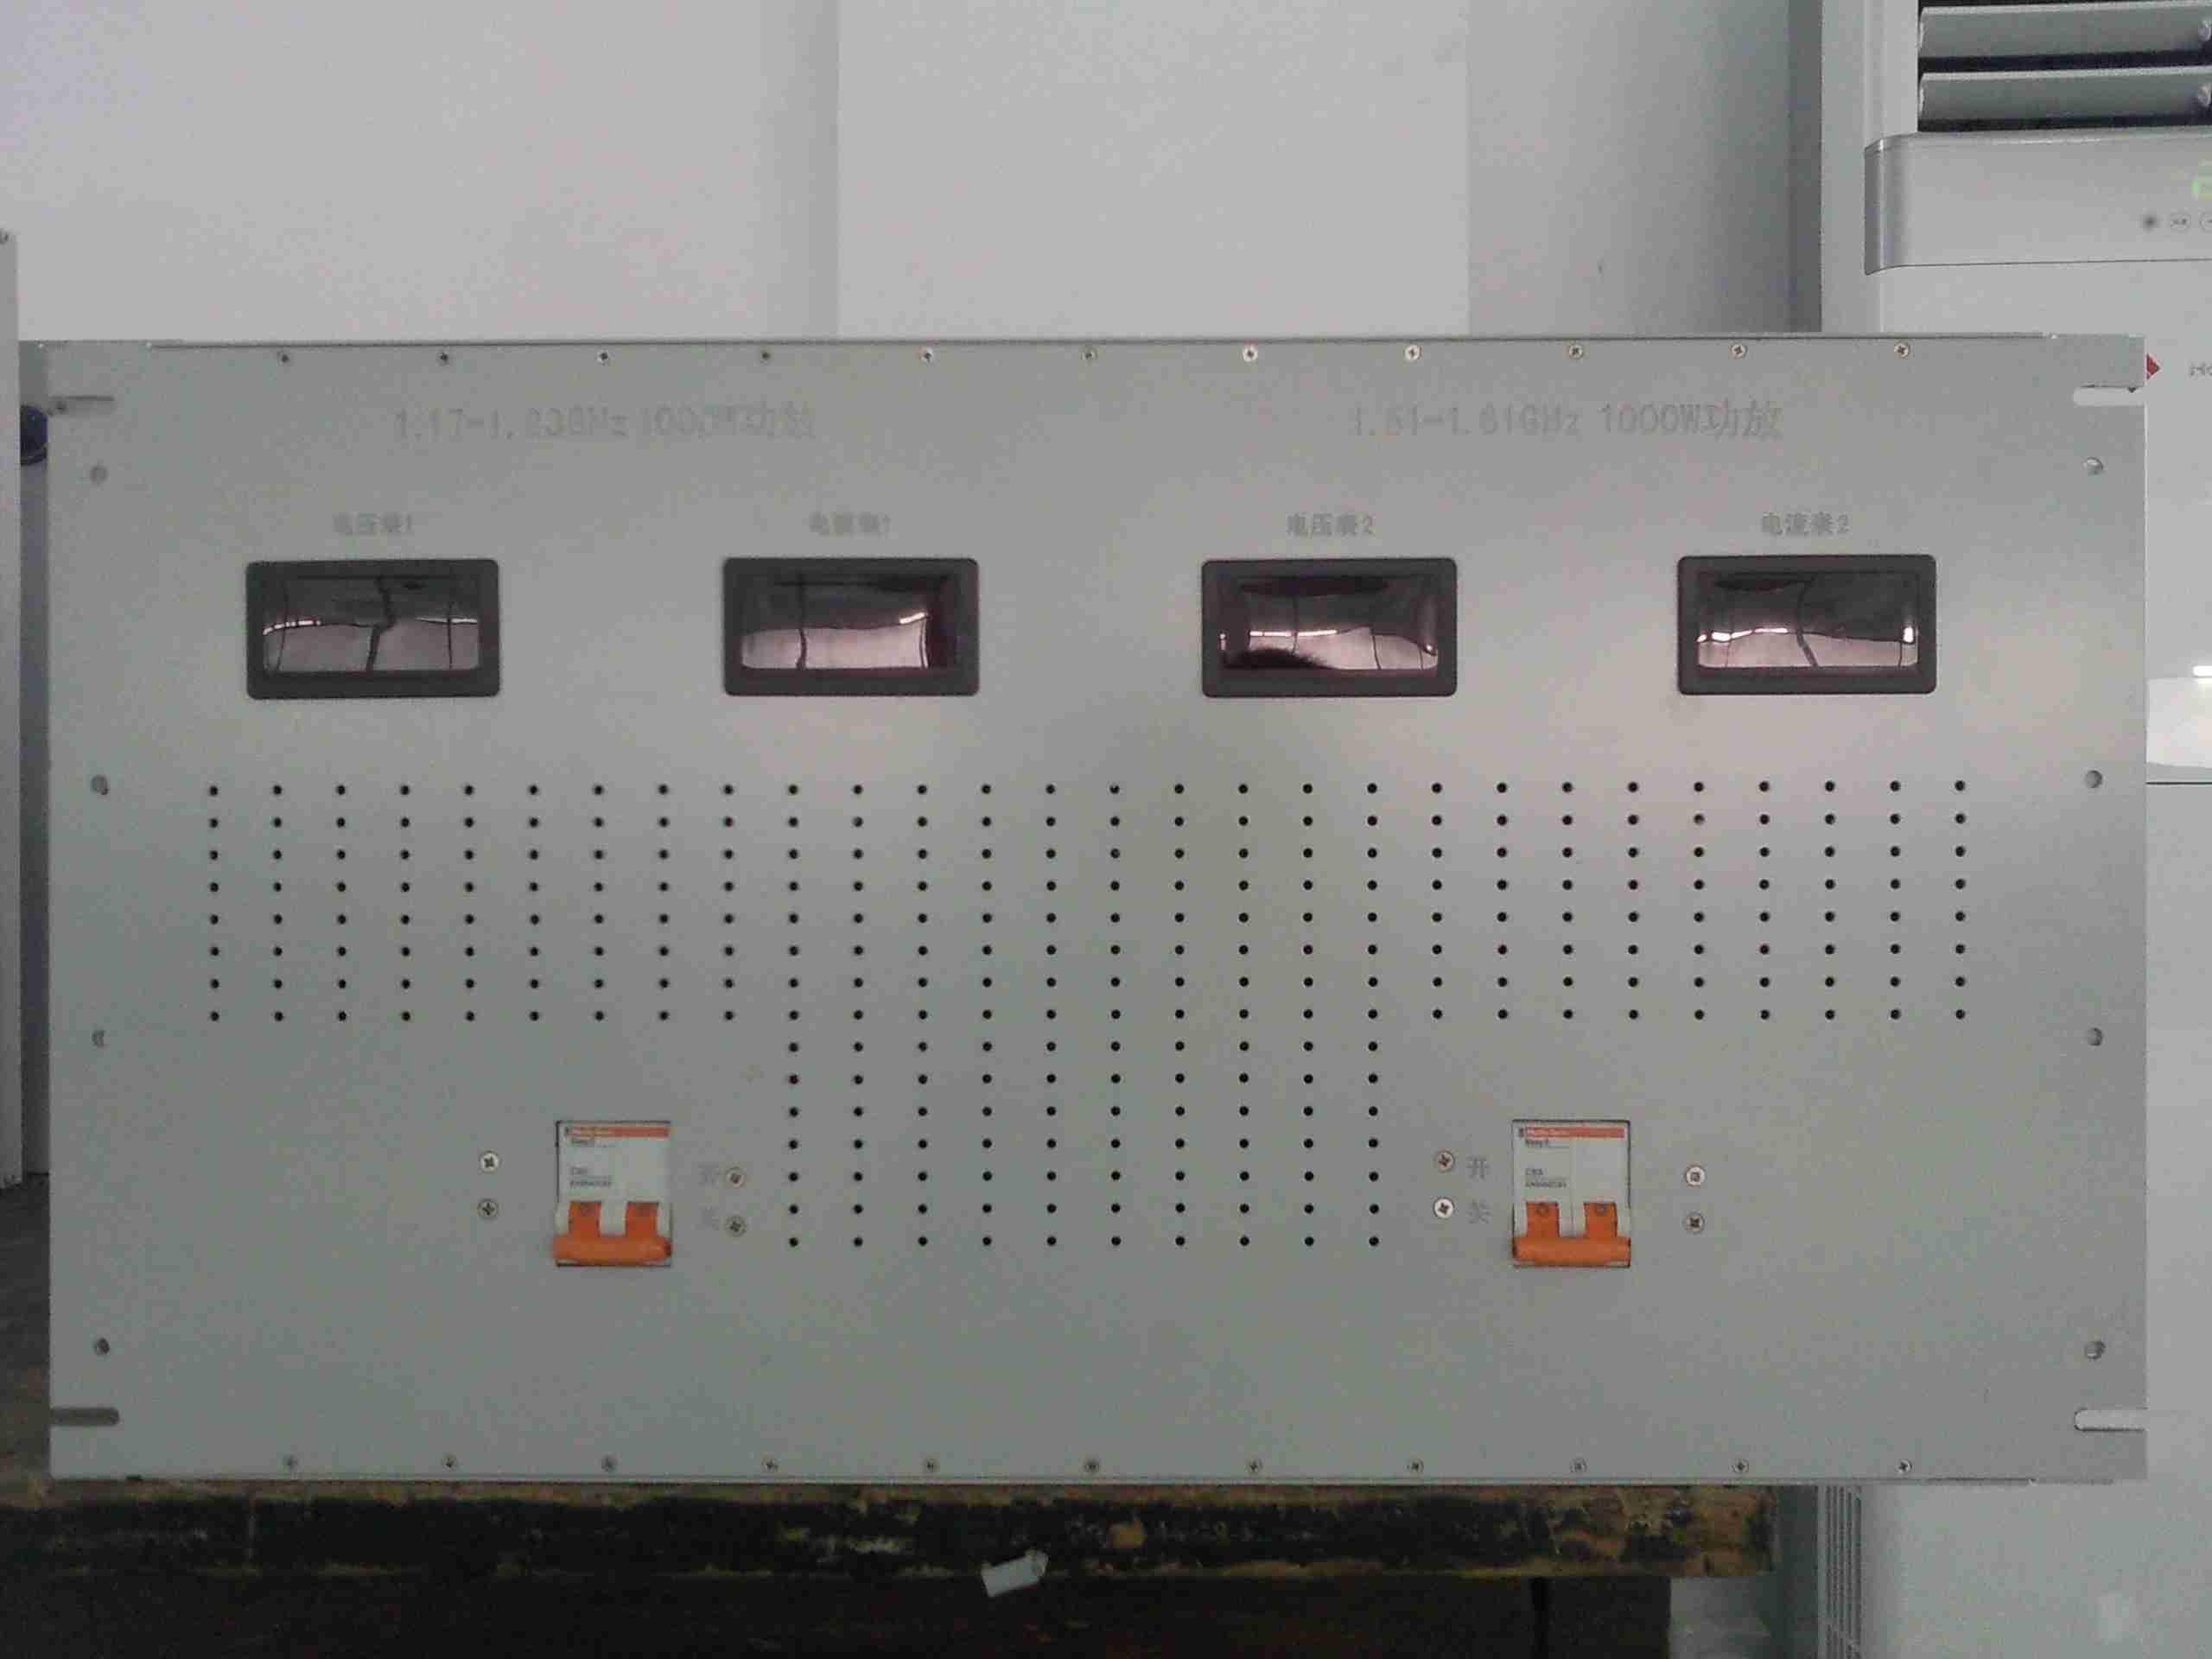 824-960 MHz 1500W脉冲功率抓饭直播篮球直播